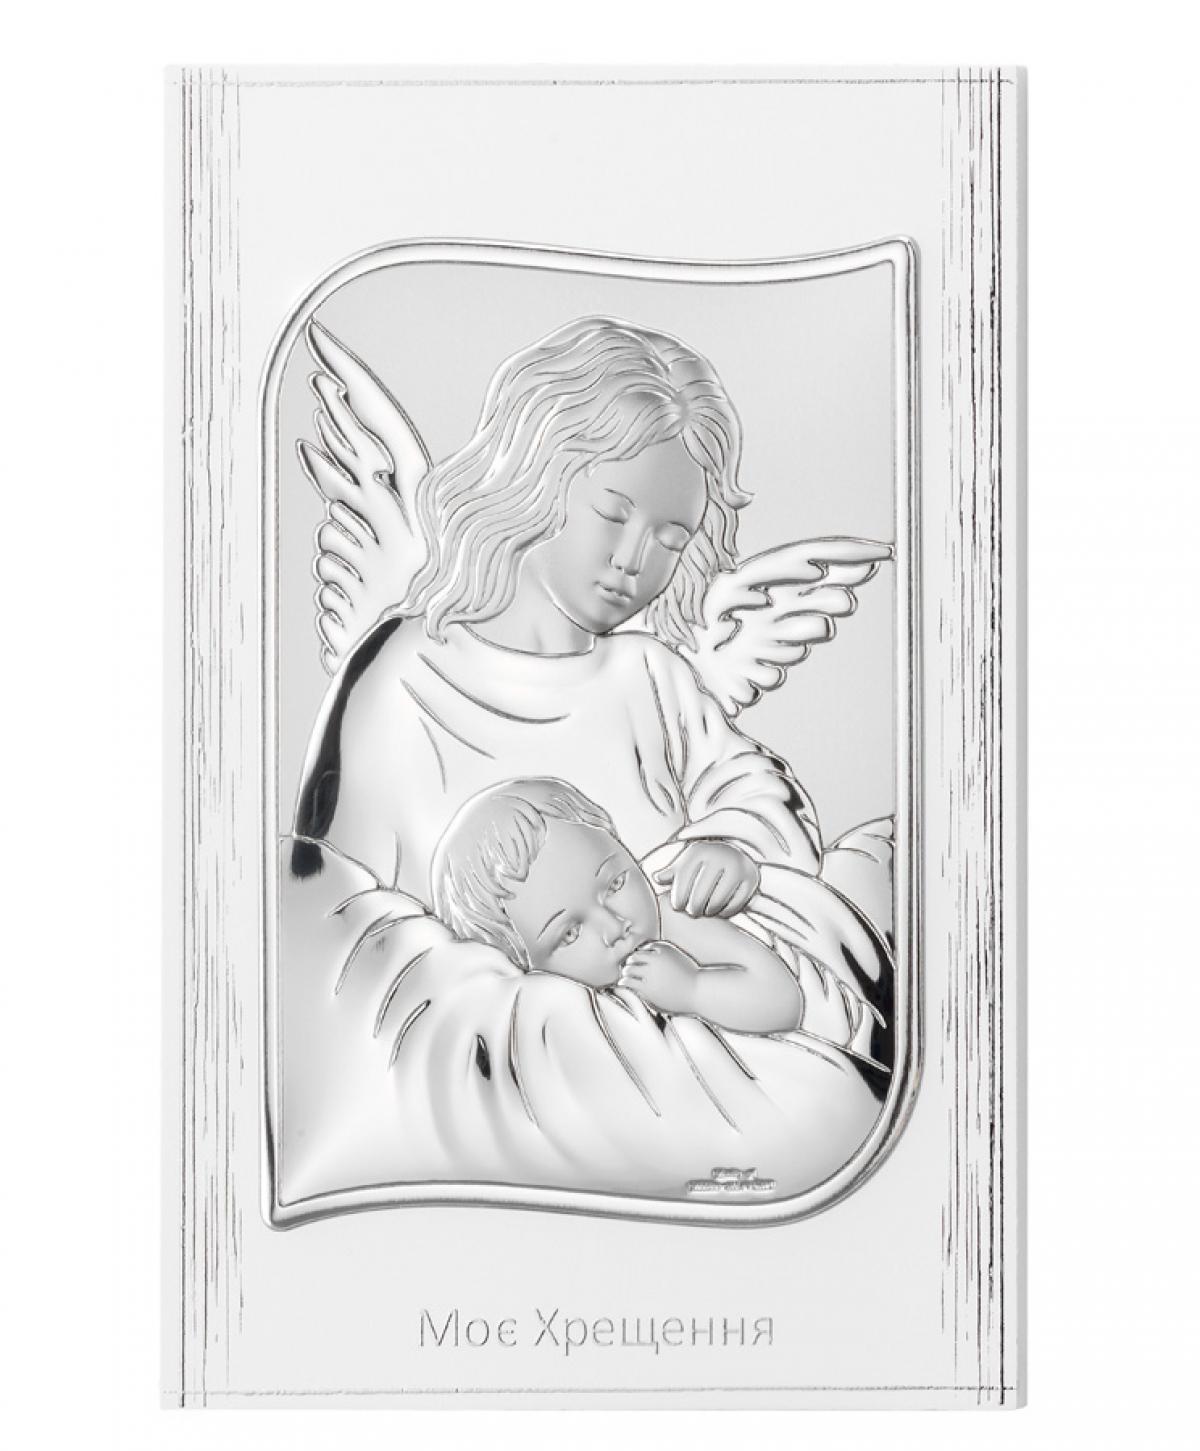 Ікона срібна Моє хрещення 11х17см UKR.81315.4L